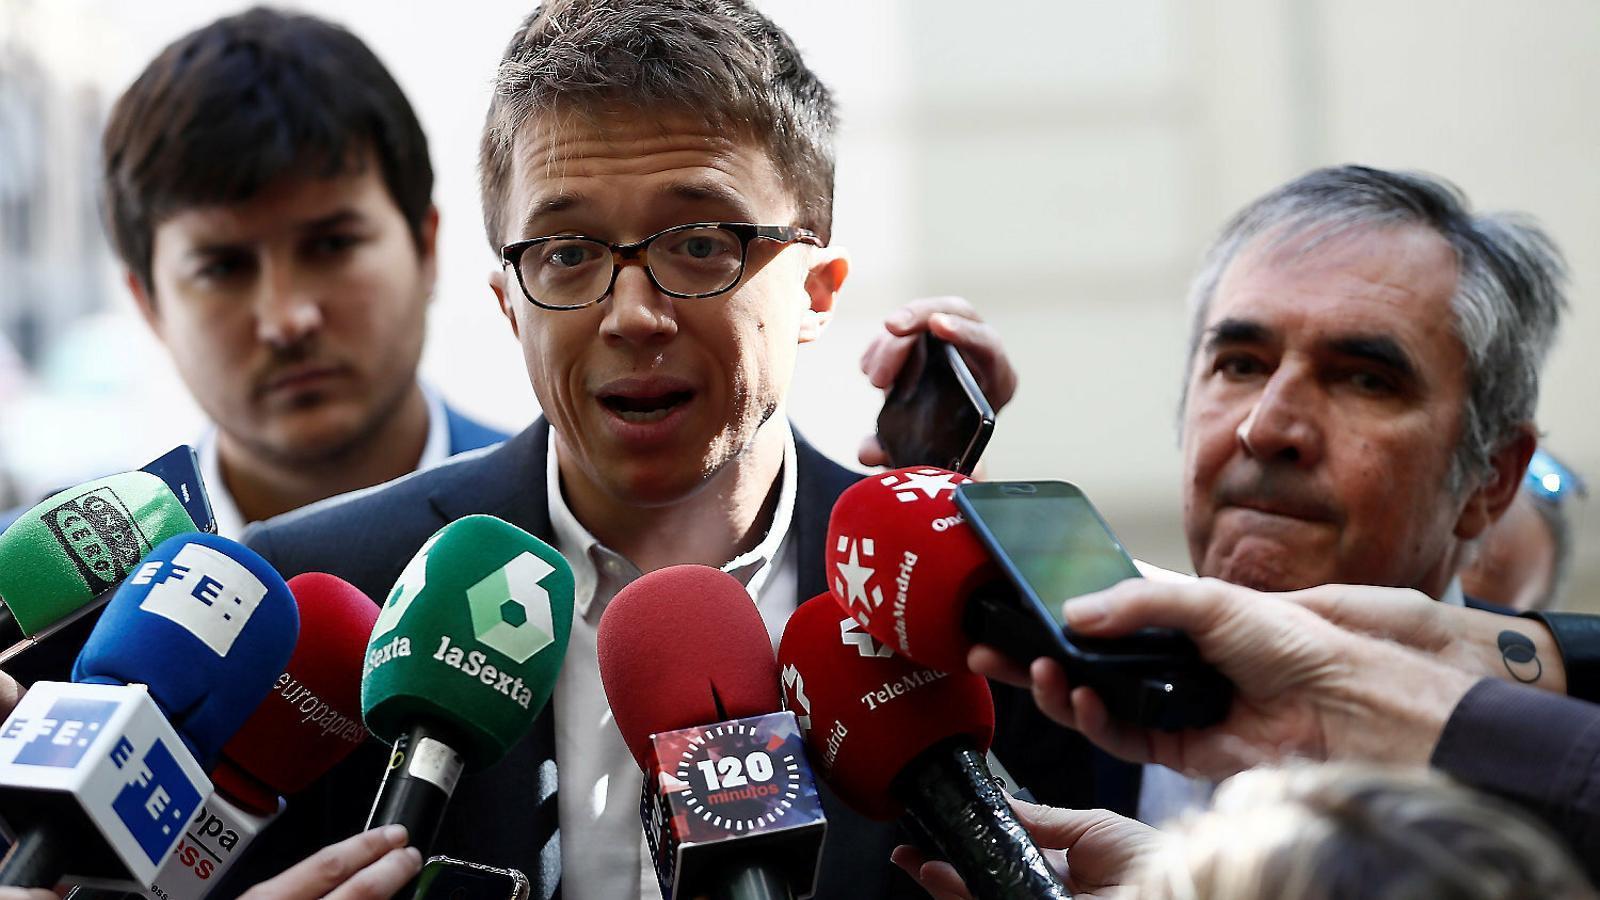 El líder de Més Madrid, Íñigo Errejón, atenent els mitjans, en una imatge d'arxiu.